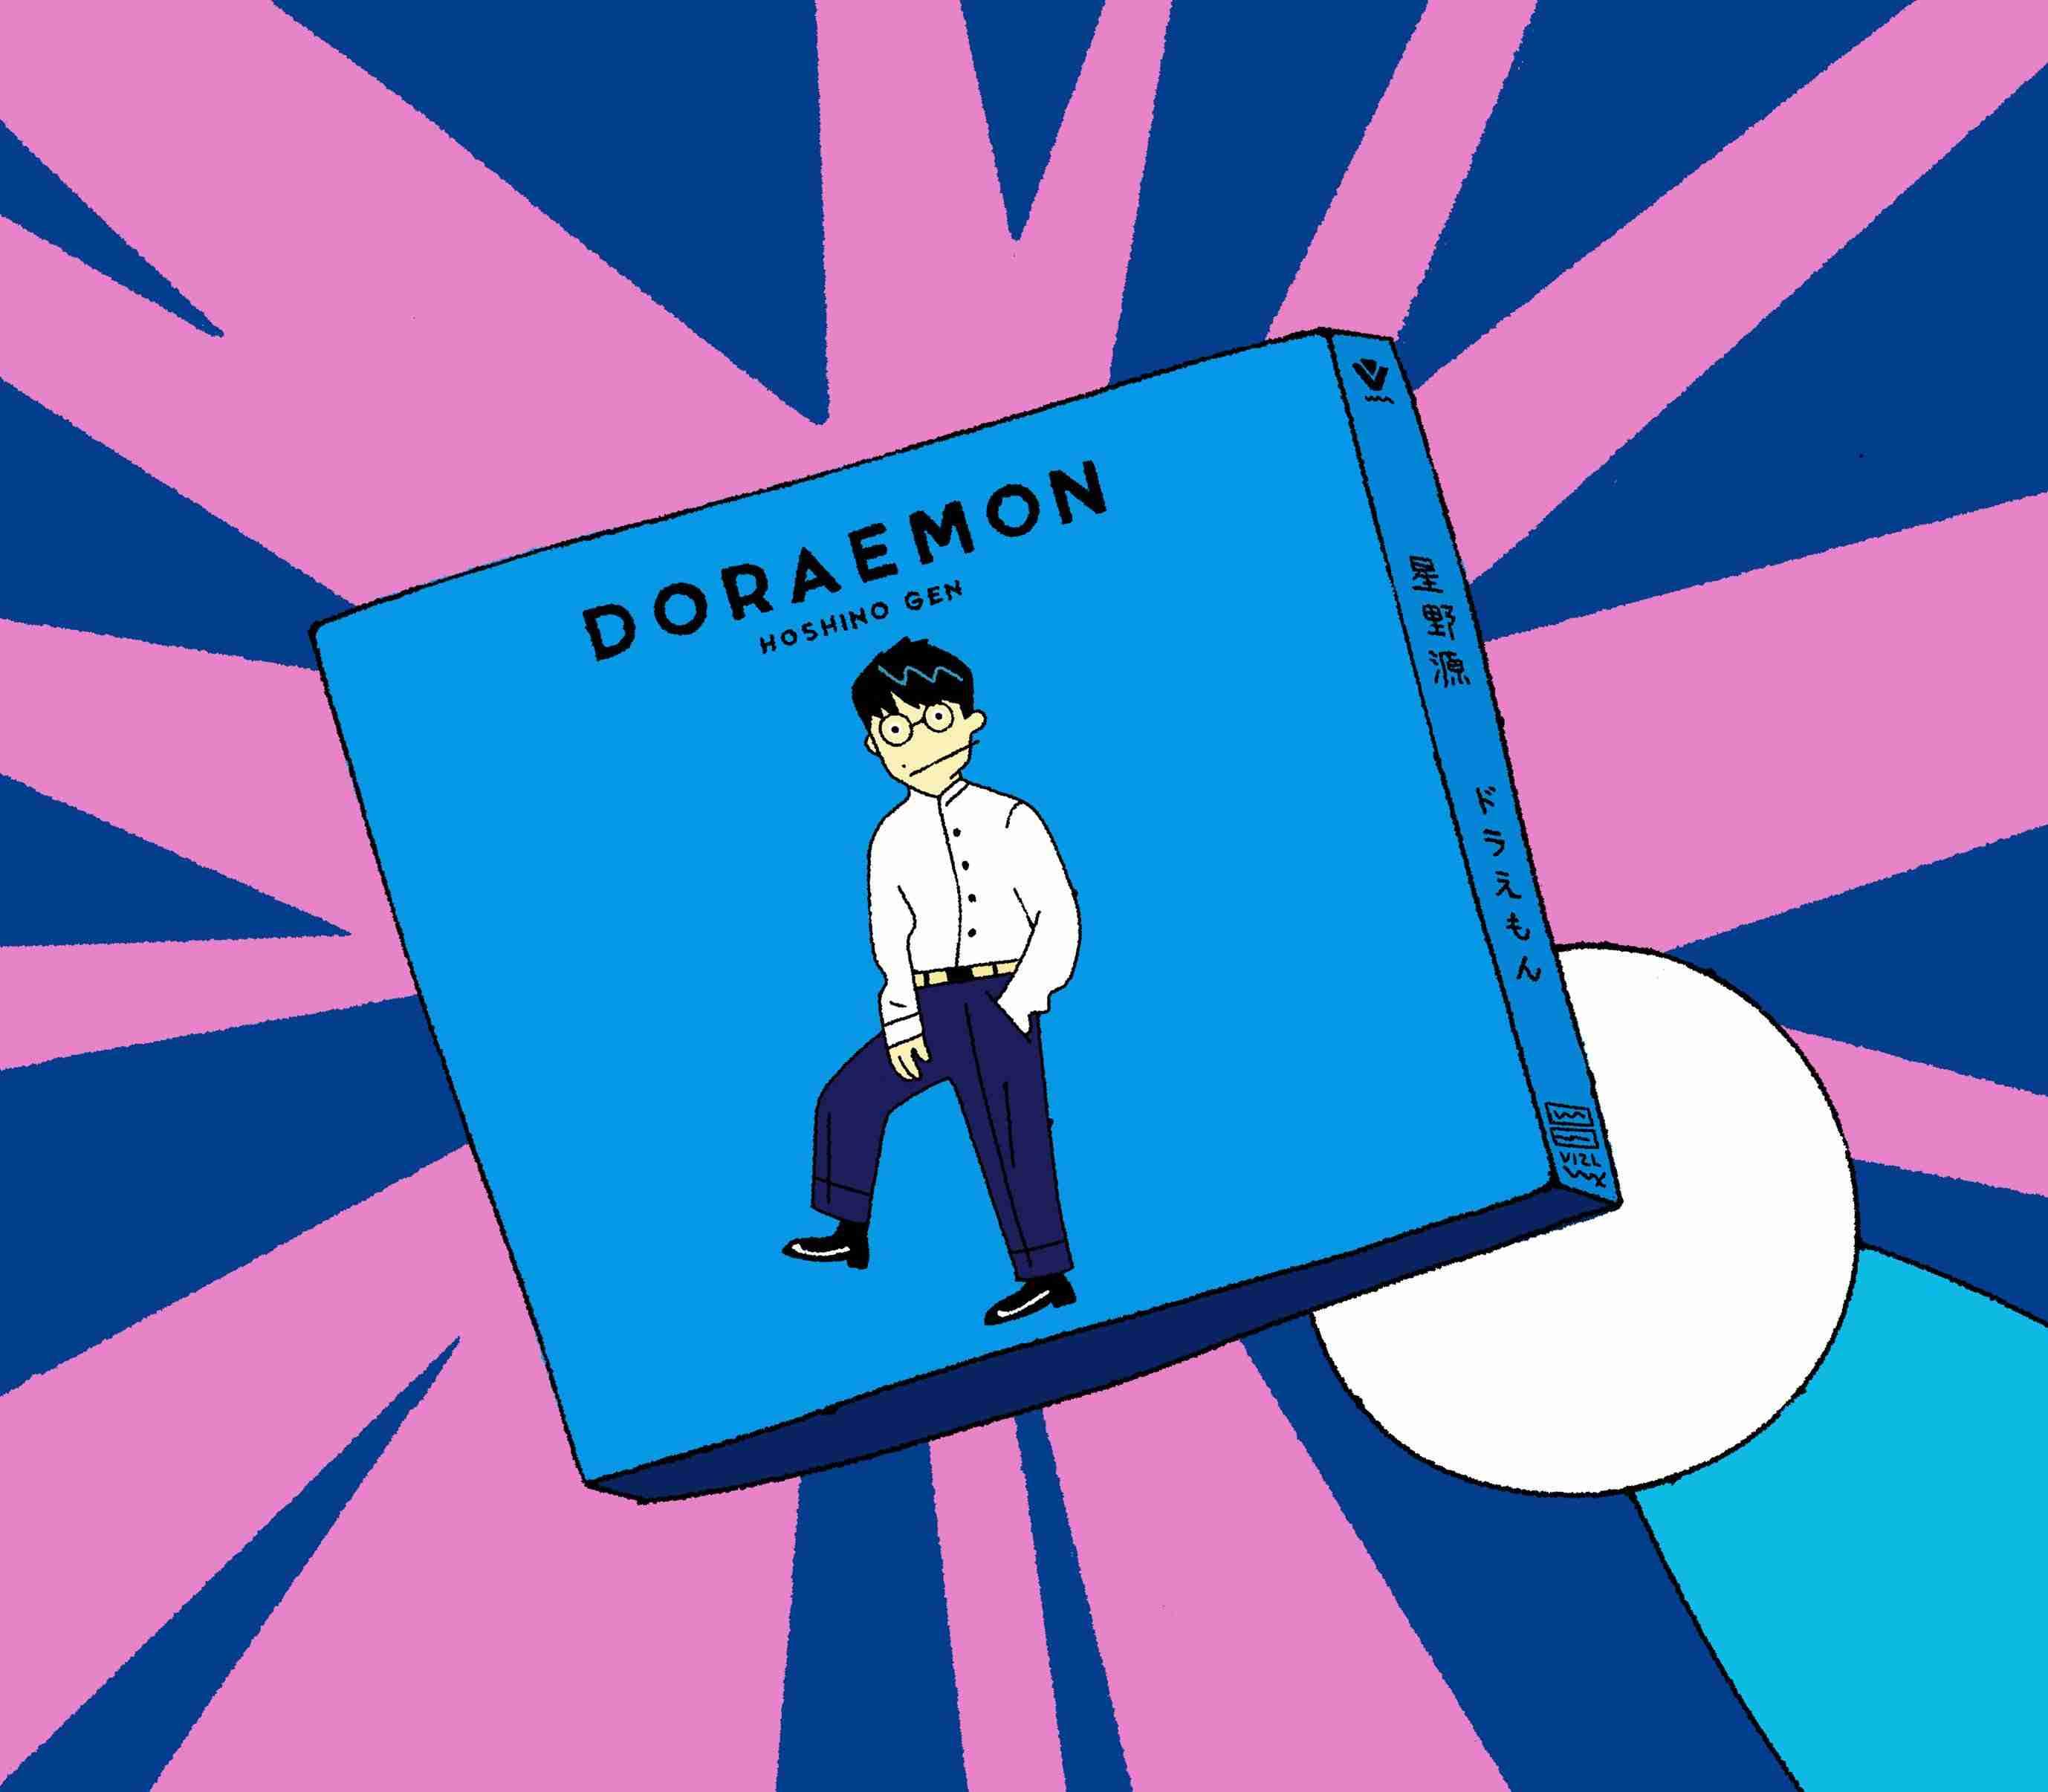 最後にCD買ったのはいつ?